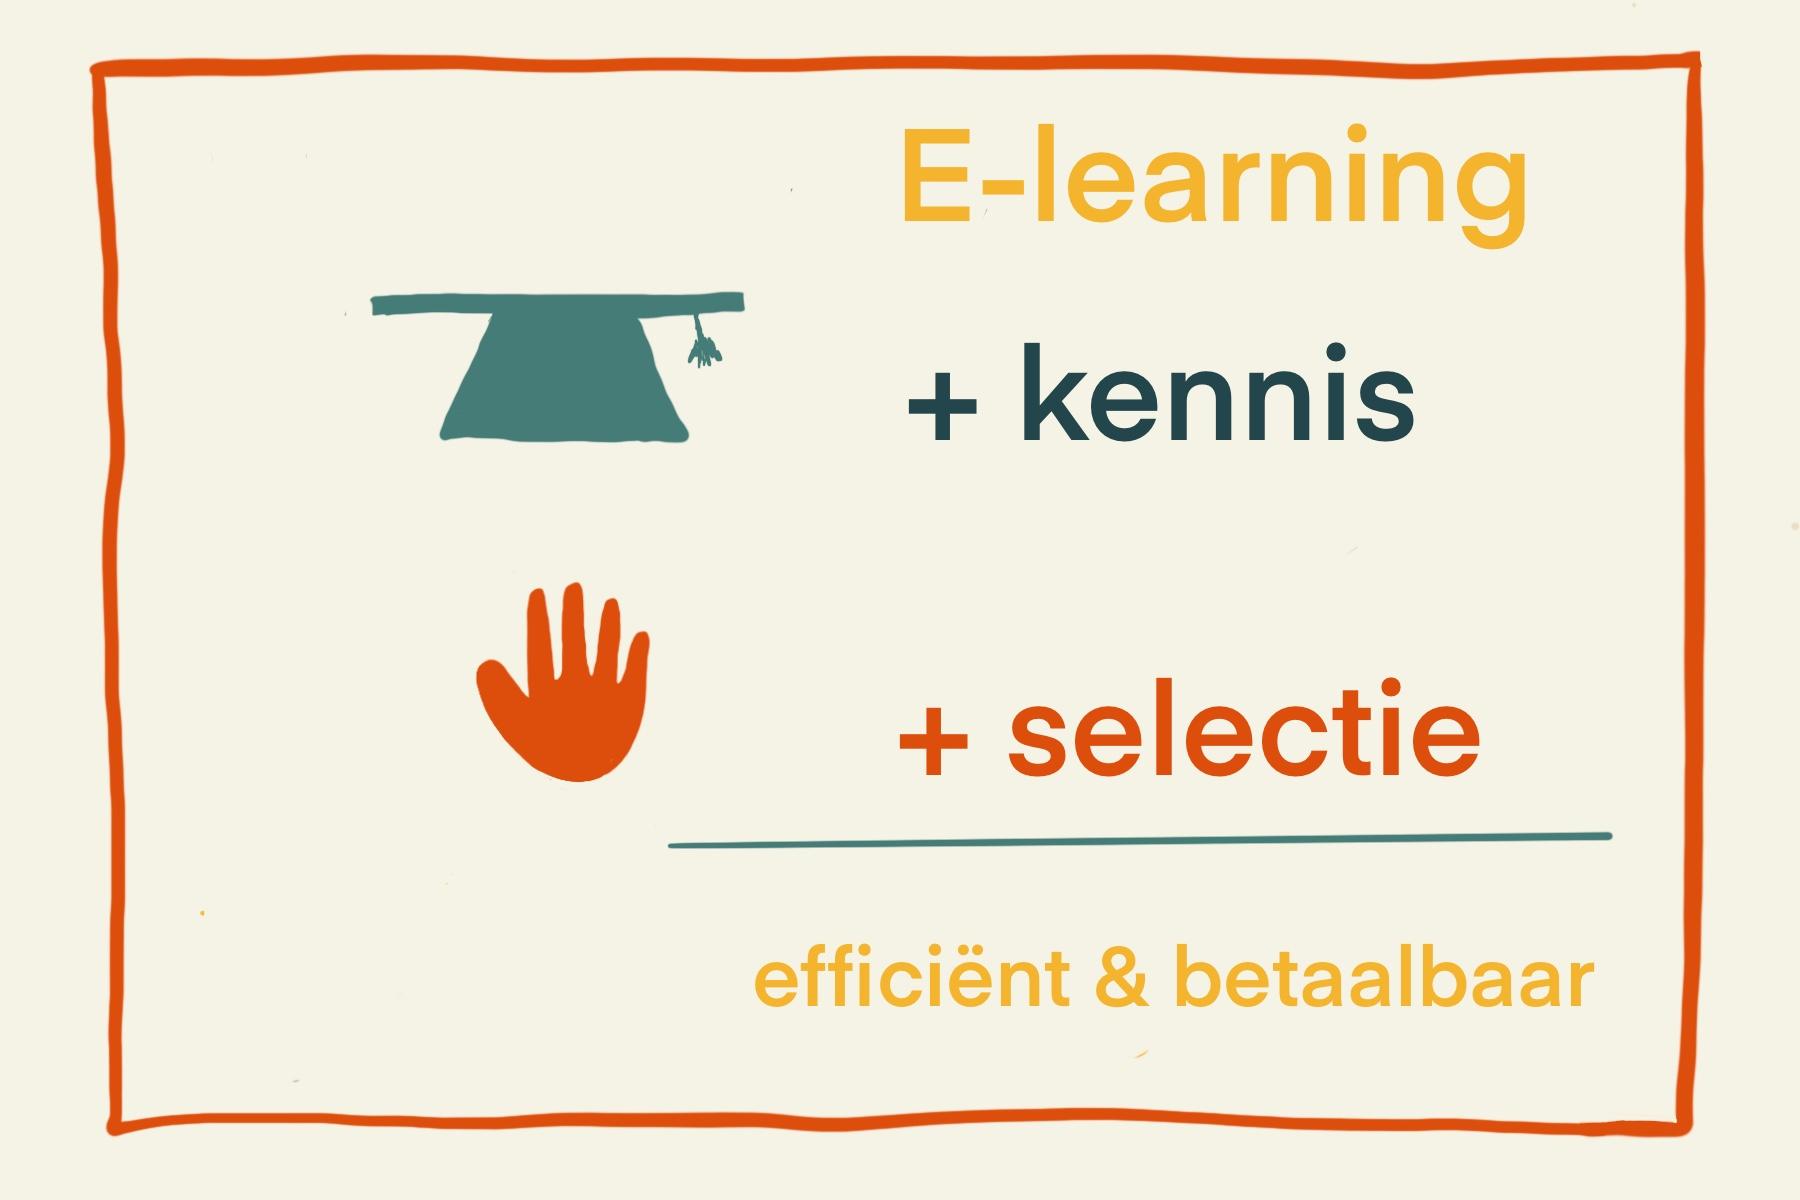 Wel eens aan gedacht om vakantiekrachten e-learning aan te bieden?